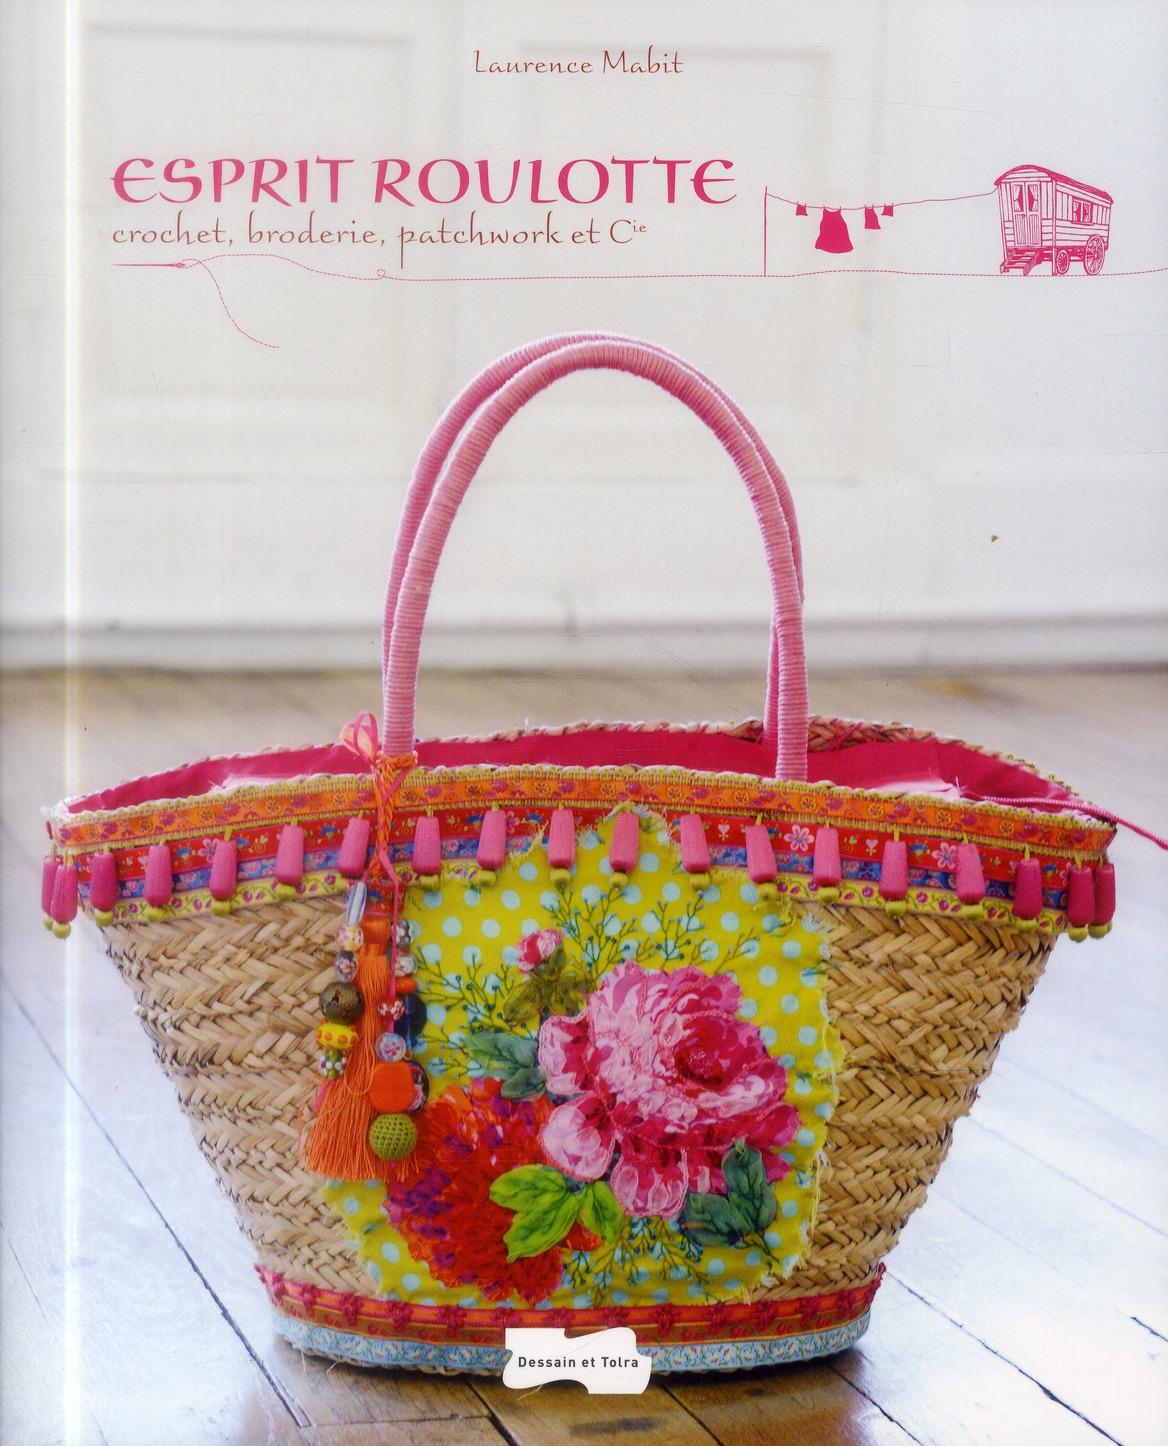 ESPRIT ROULOTTE